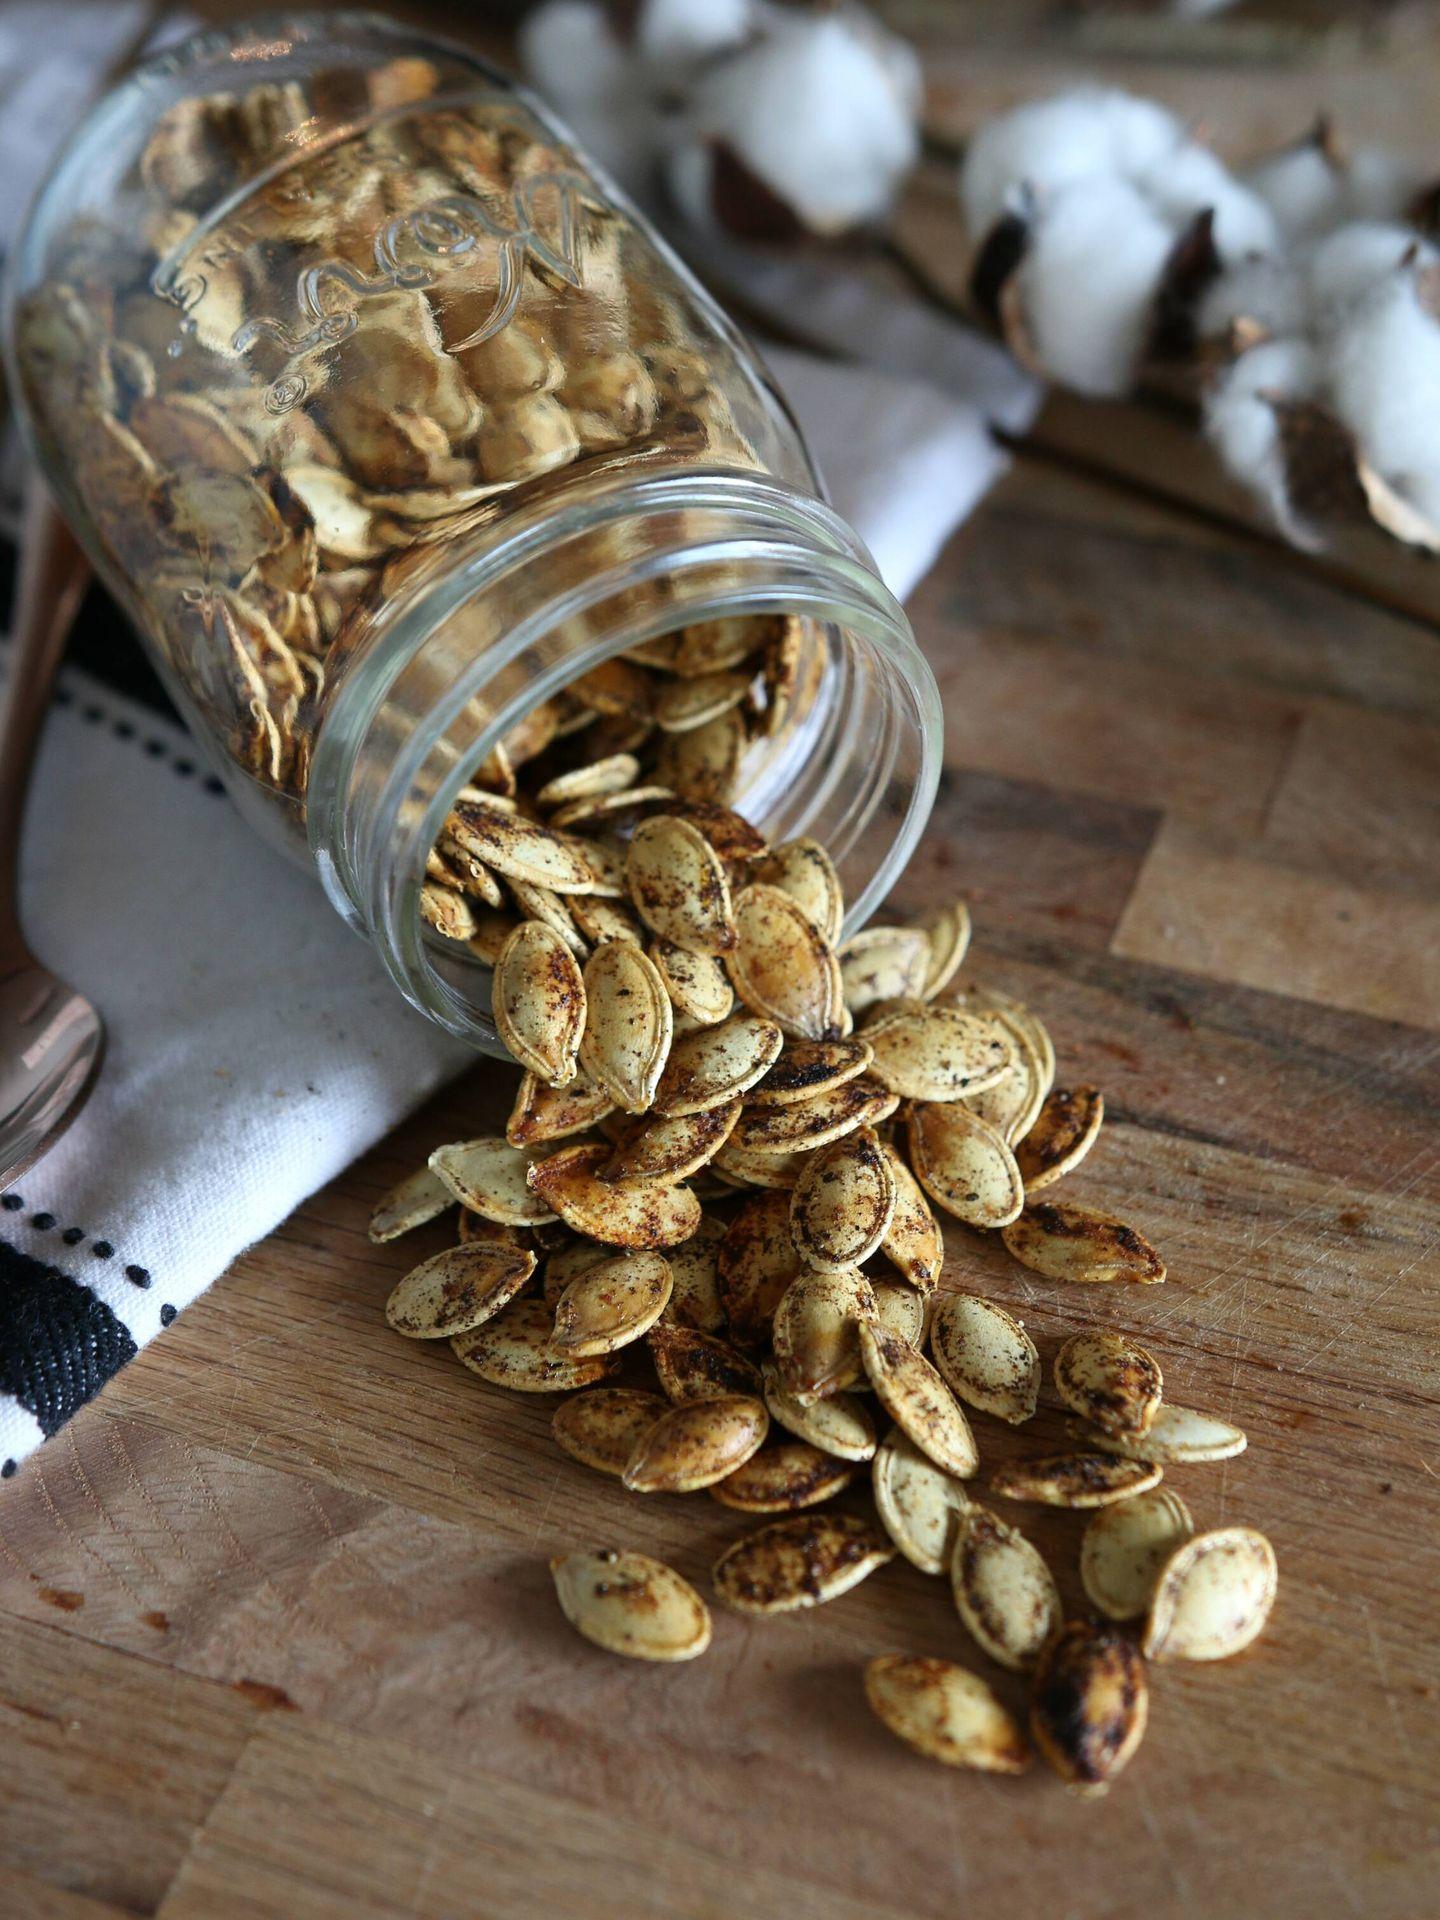 Semillas comestibles para perder peso. (Macey Bundt para Unsplash)